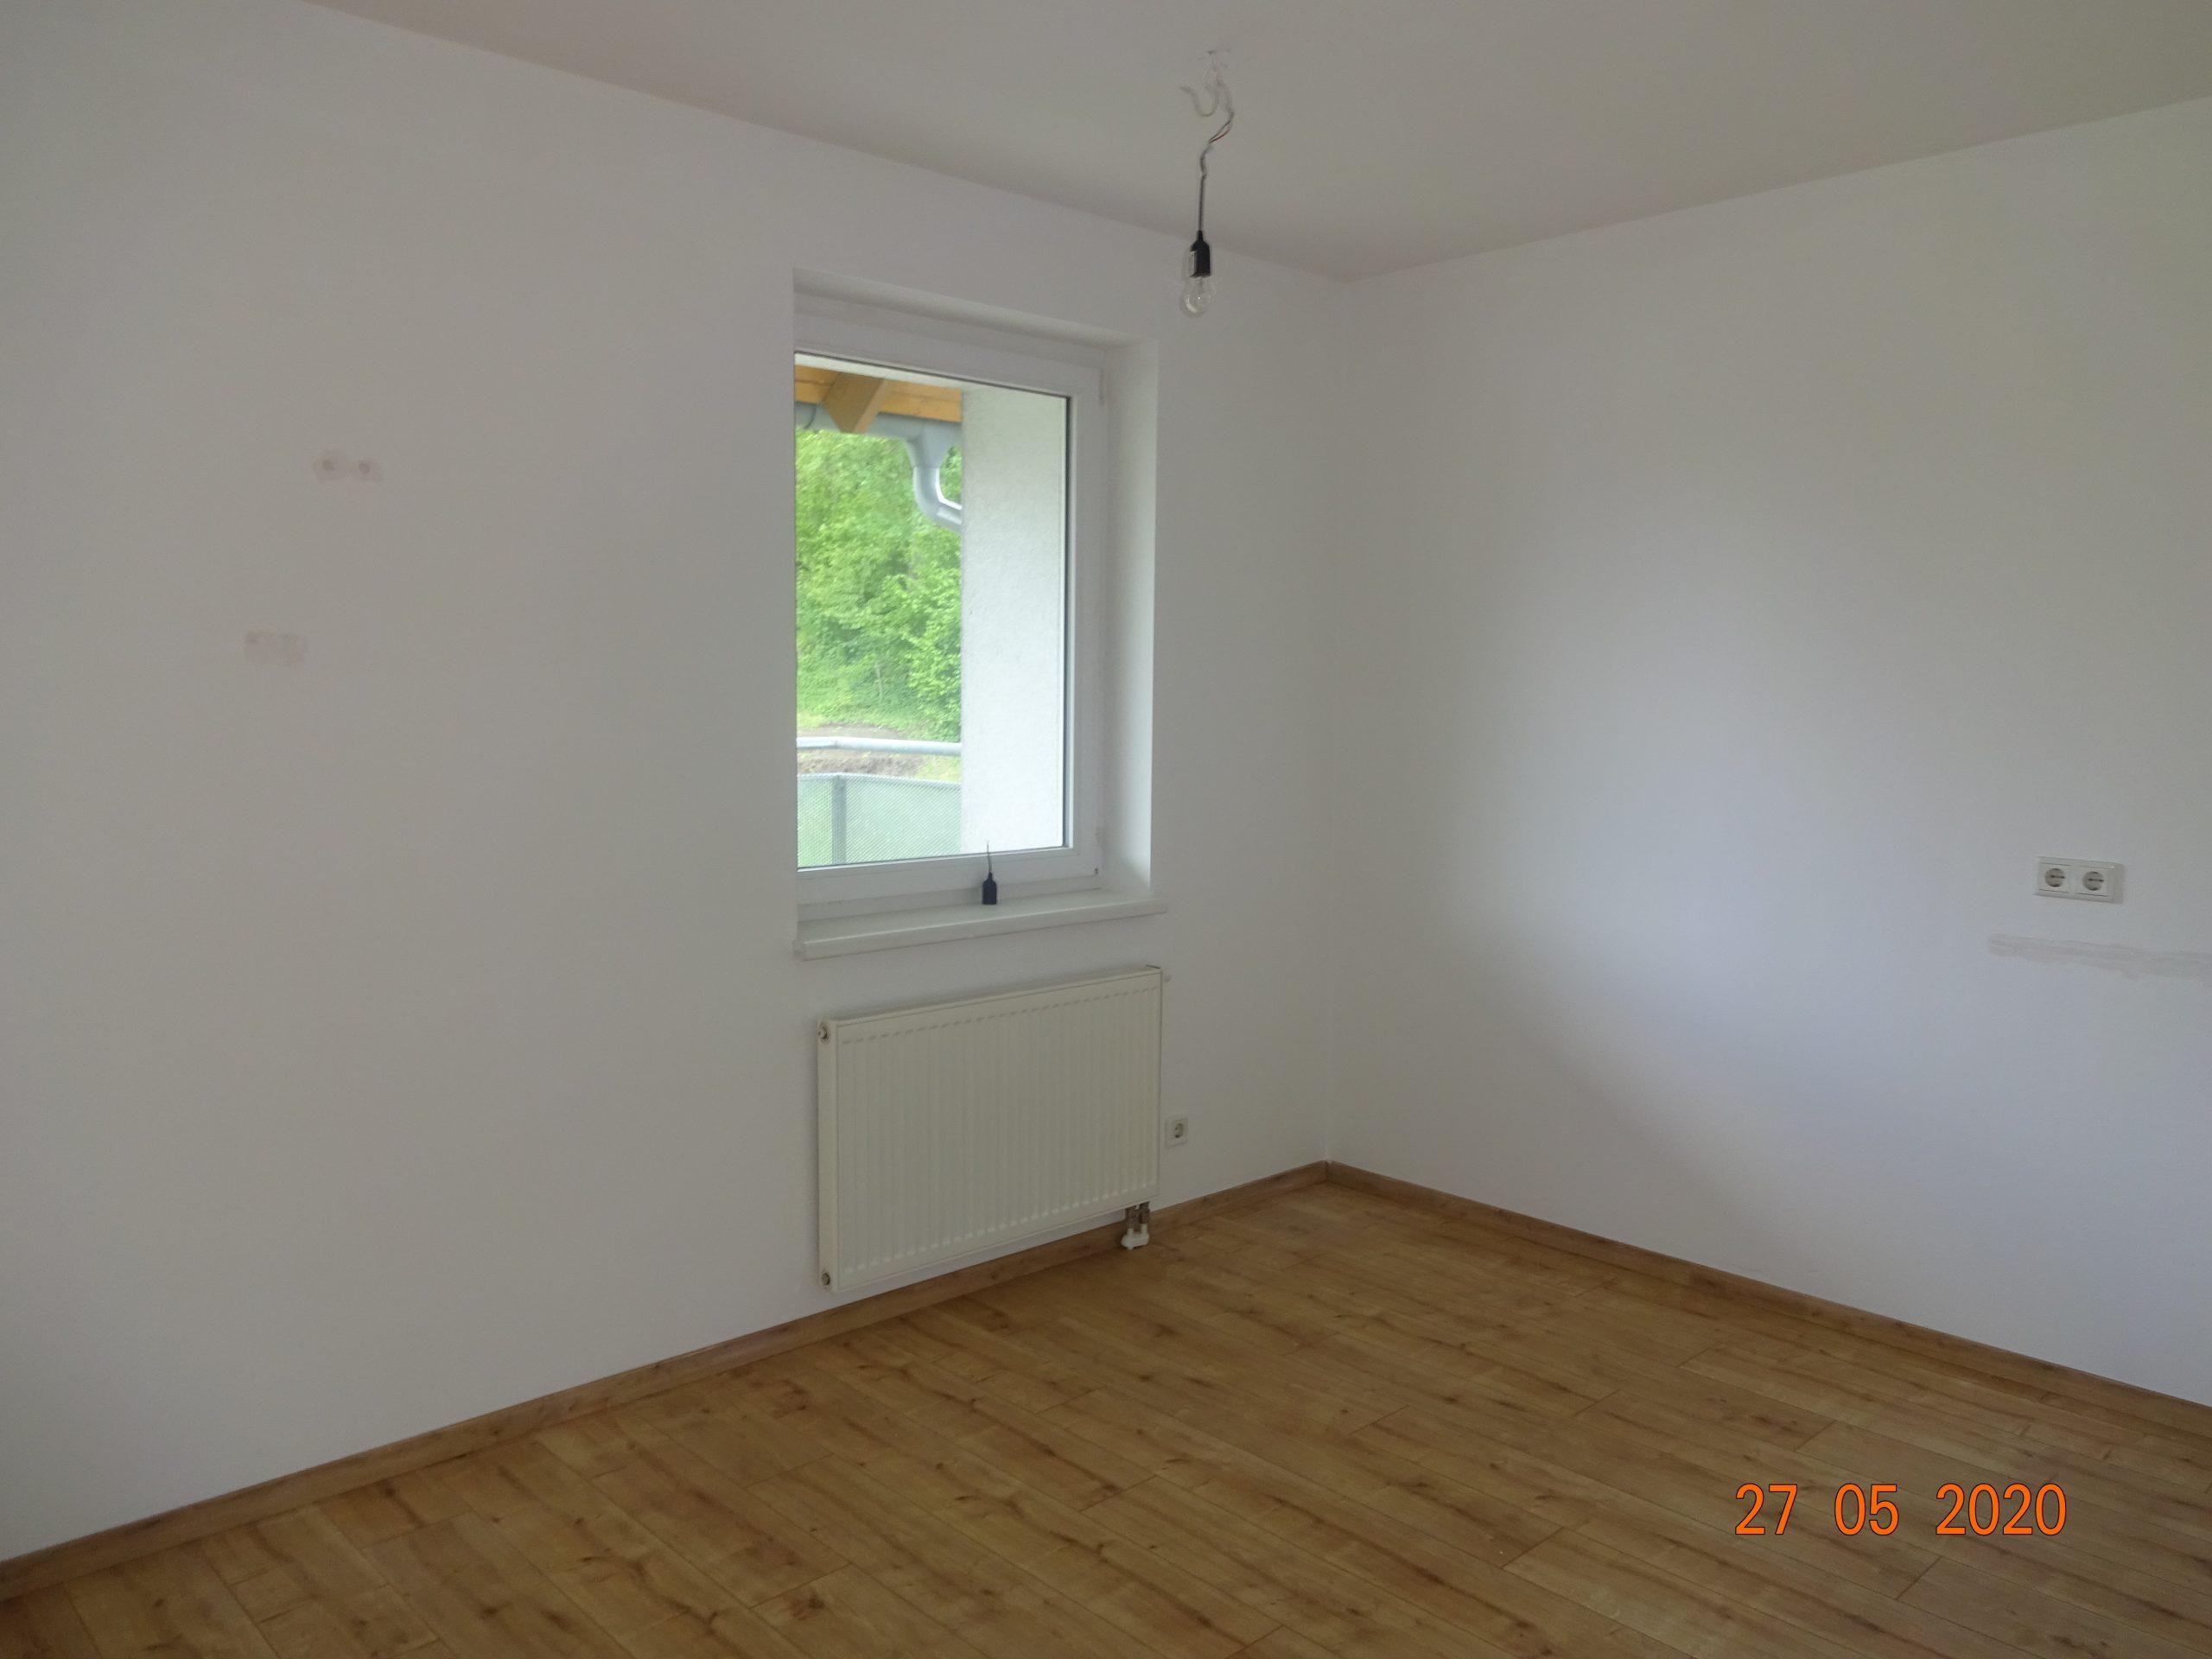 Immobilie von Kamptal in 3613 Albrechtsberg an der Großen Krems, Krems(Land), Albrechtsberg I/1 - Top 105 #10